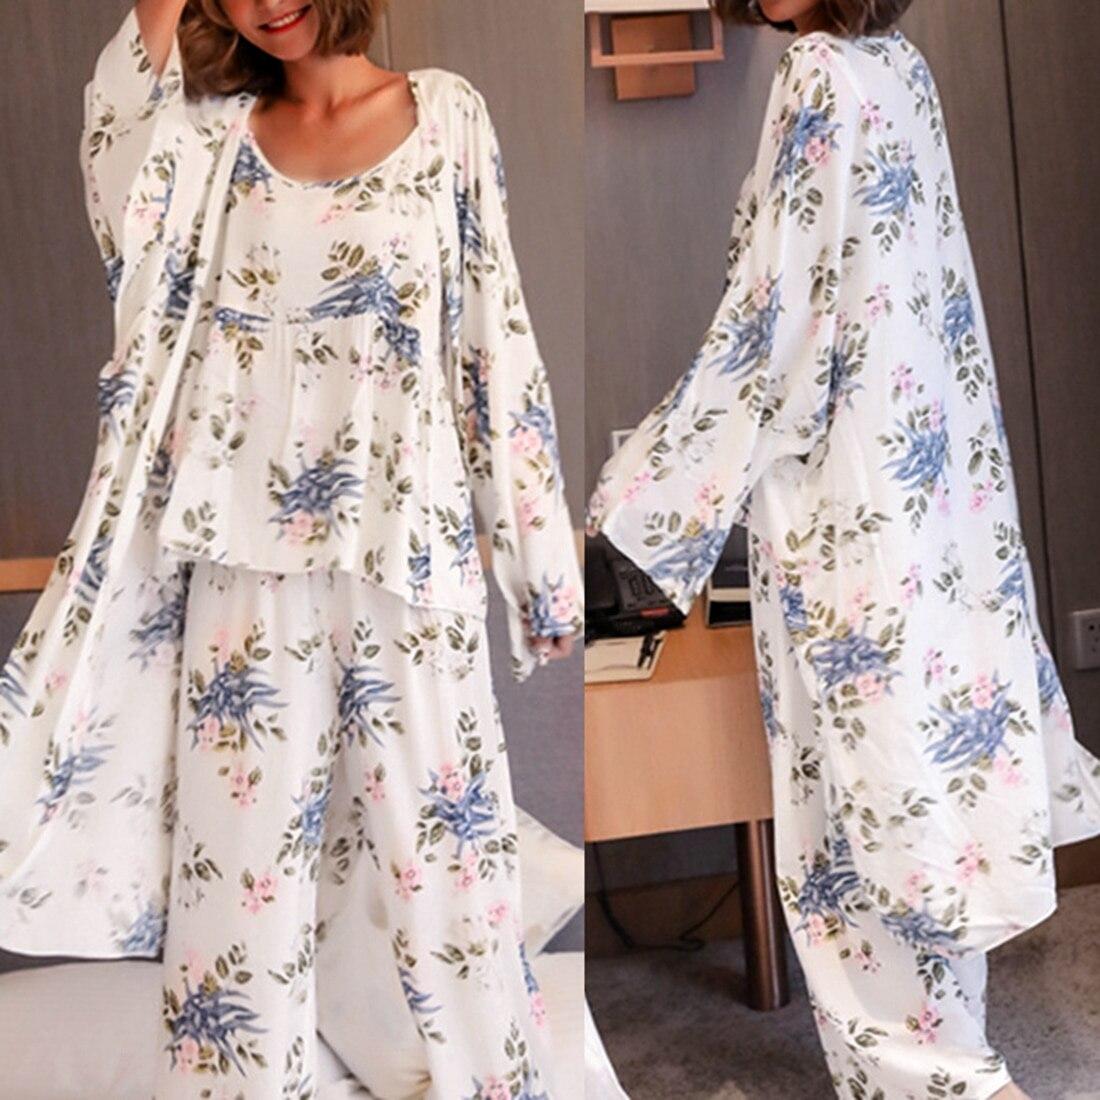 2019 new elegant luxury silk pajamas for women solid embroidery pyjamas women lounge pajama sets v neck silk satin pijama Women Pajamas 3 Pieces Satin Sleepwear Pijama Silk Home Wear Home Clothing Embroidery Sleep Lounge Pyjama Pyjamas Set